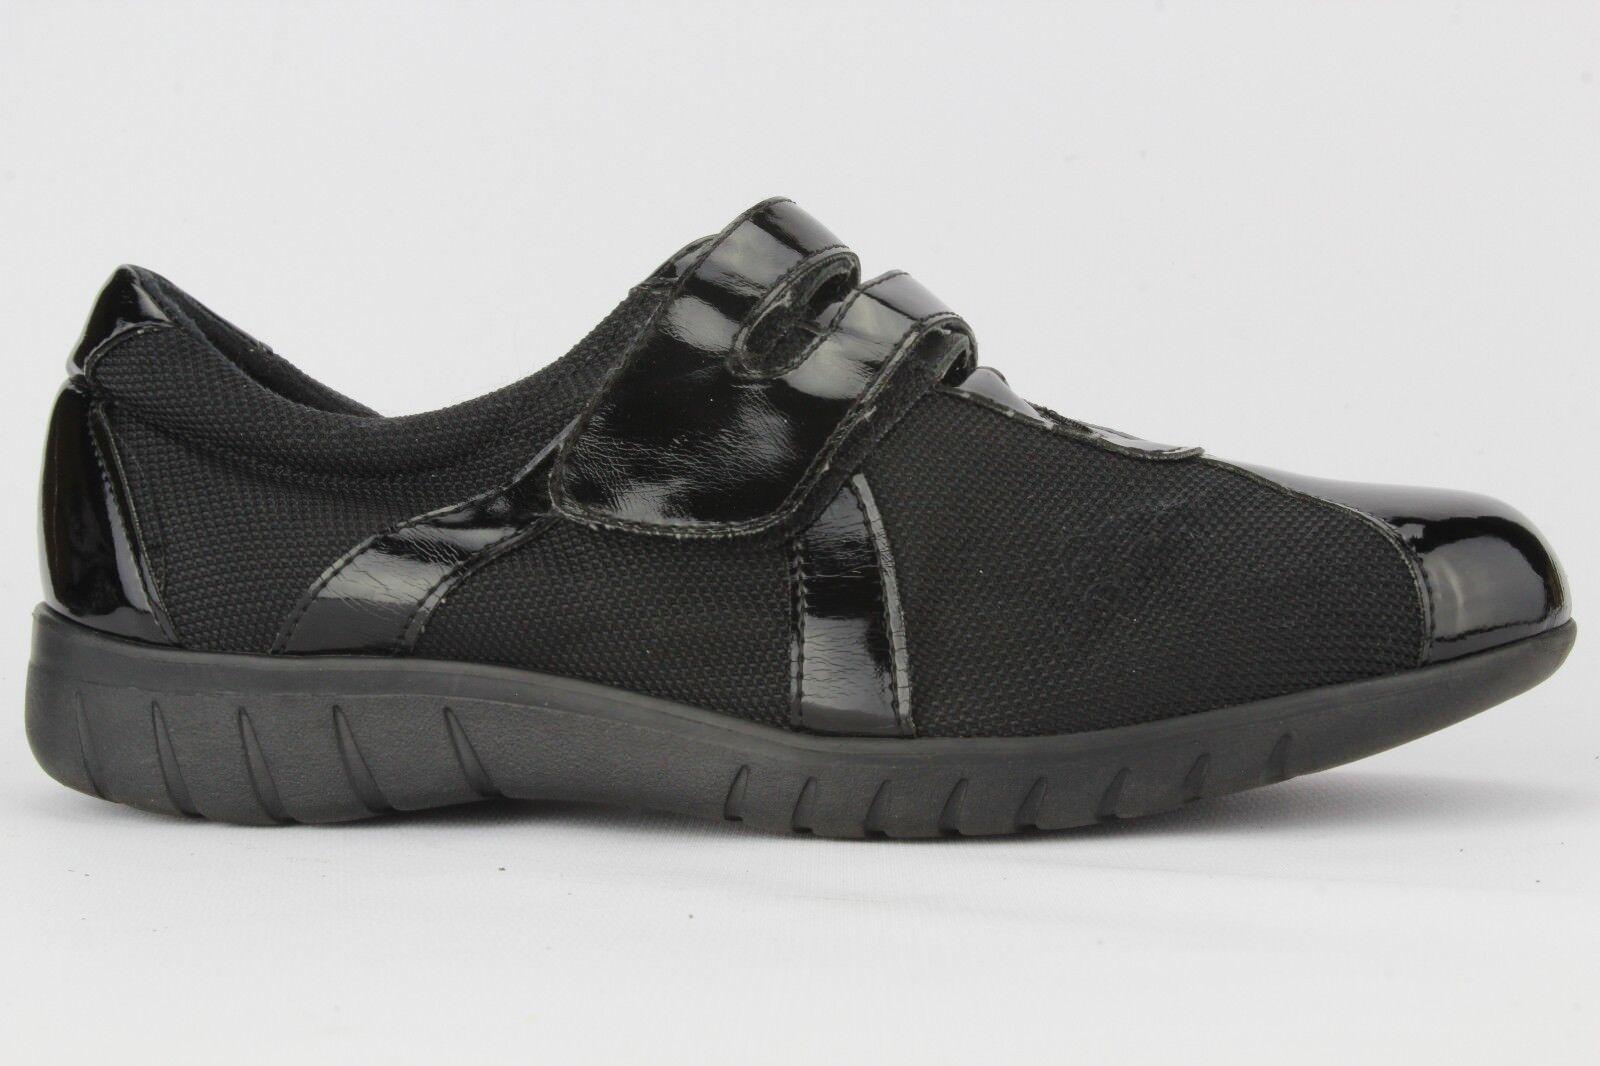 Munro American Wohombres negro Joya Velcro zapatilla de deporte W